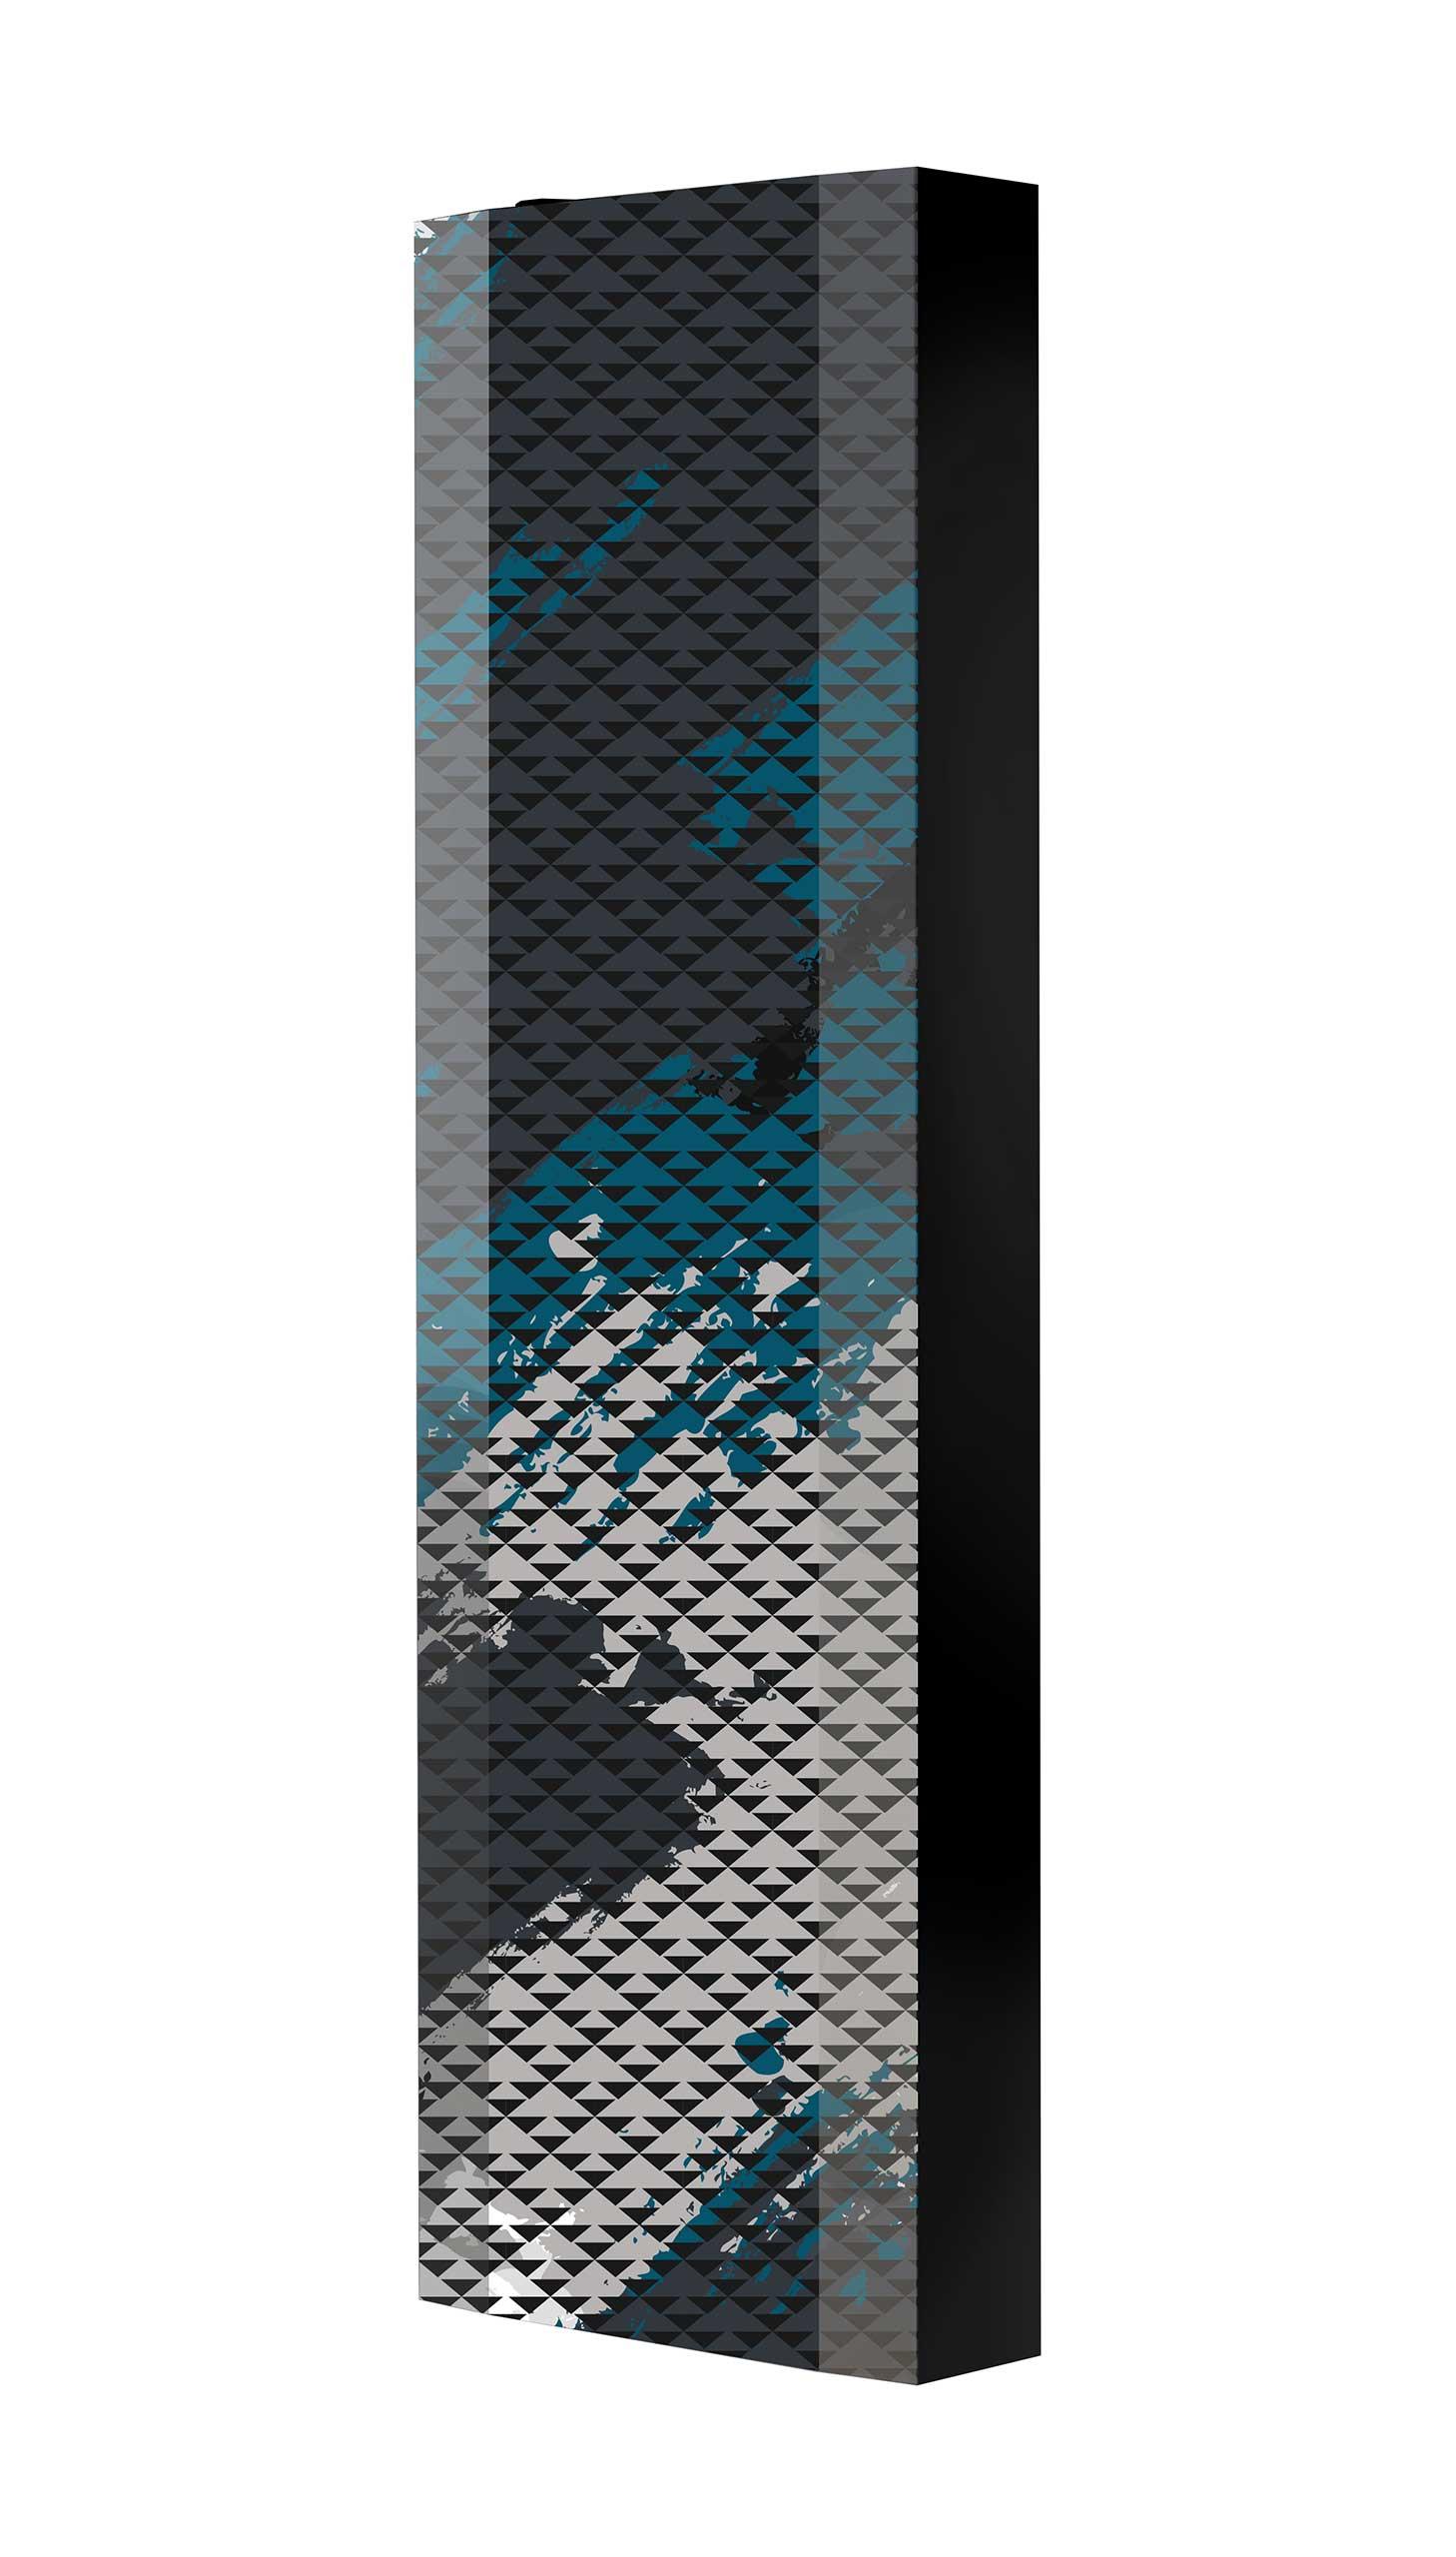 Schuhschrank FLASH 450 BLACK-EDITION Motivschrank schwarz drehbar M129 Camouflage